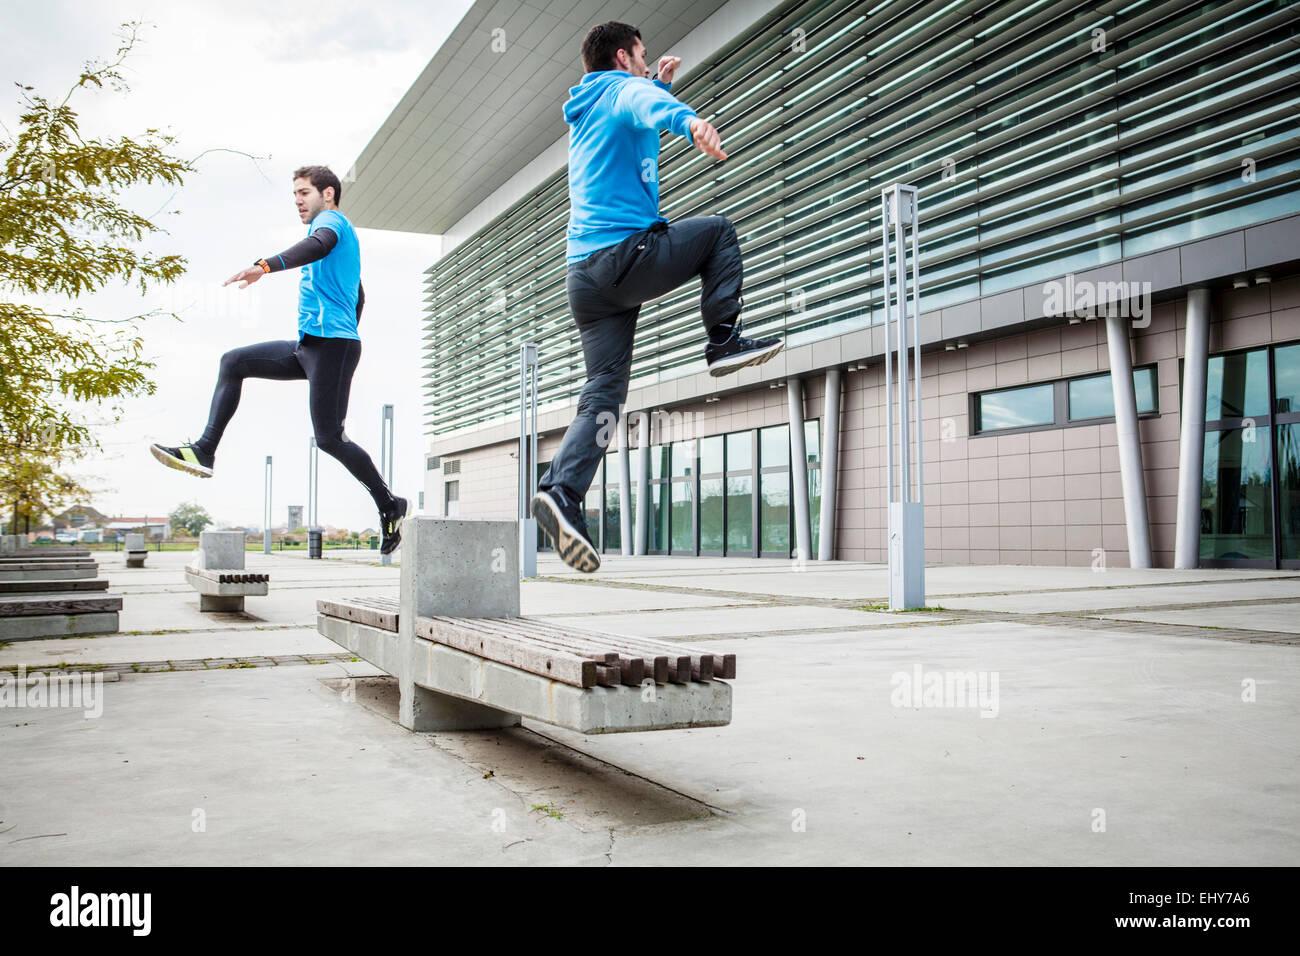 Dos corredores masculinos haciendo juntos en la ciudad de entrenamiento deportivo Imagen De Stock